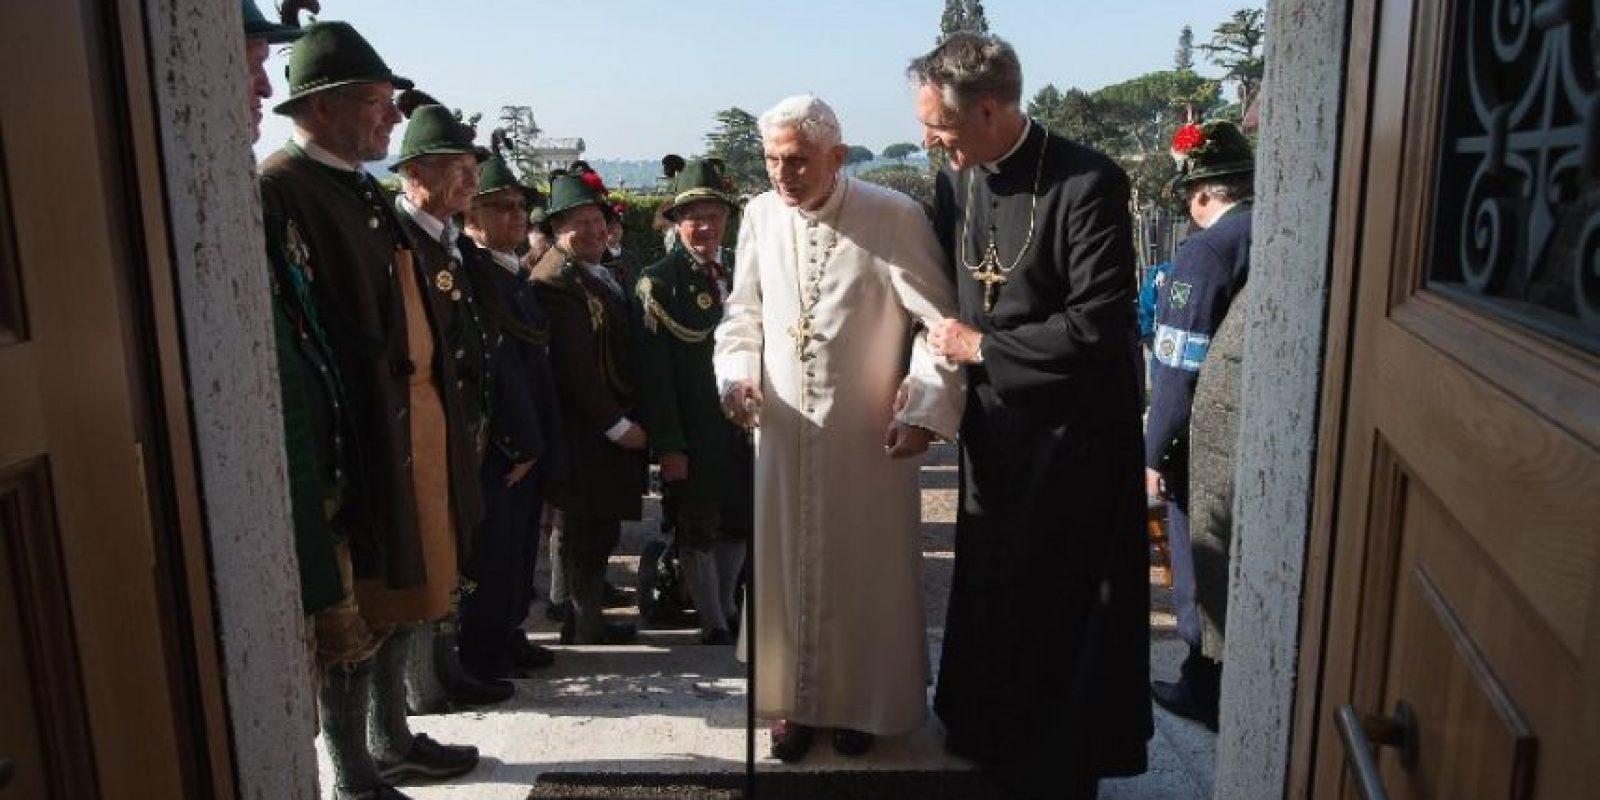 El festejo se llevó a cabo en el monasterio Mater Ecclesiae del Vaticano. Foto:AFP